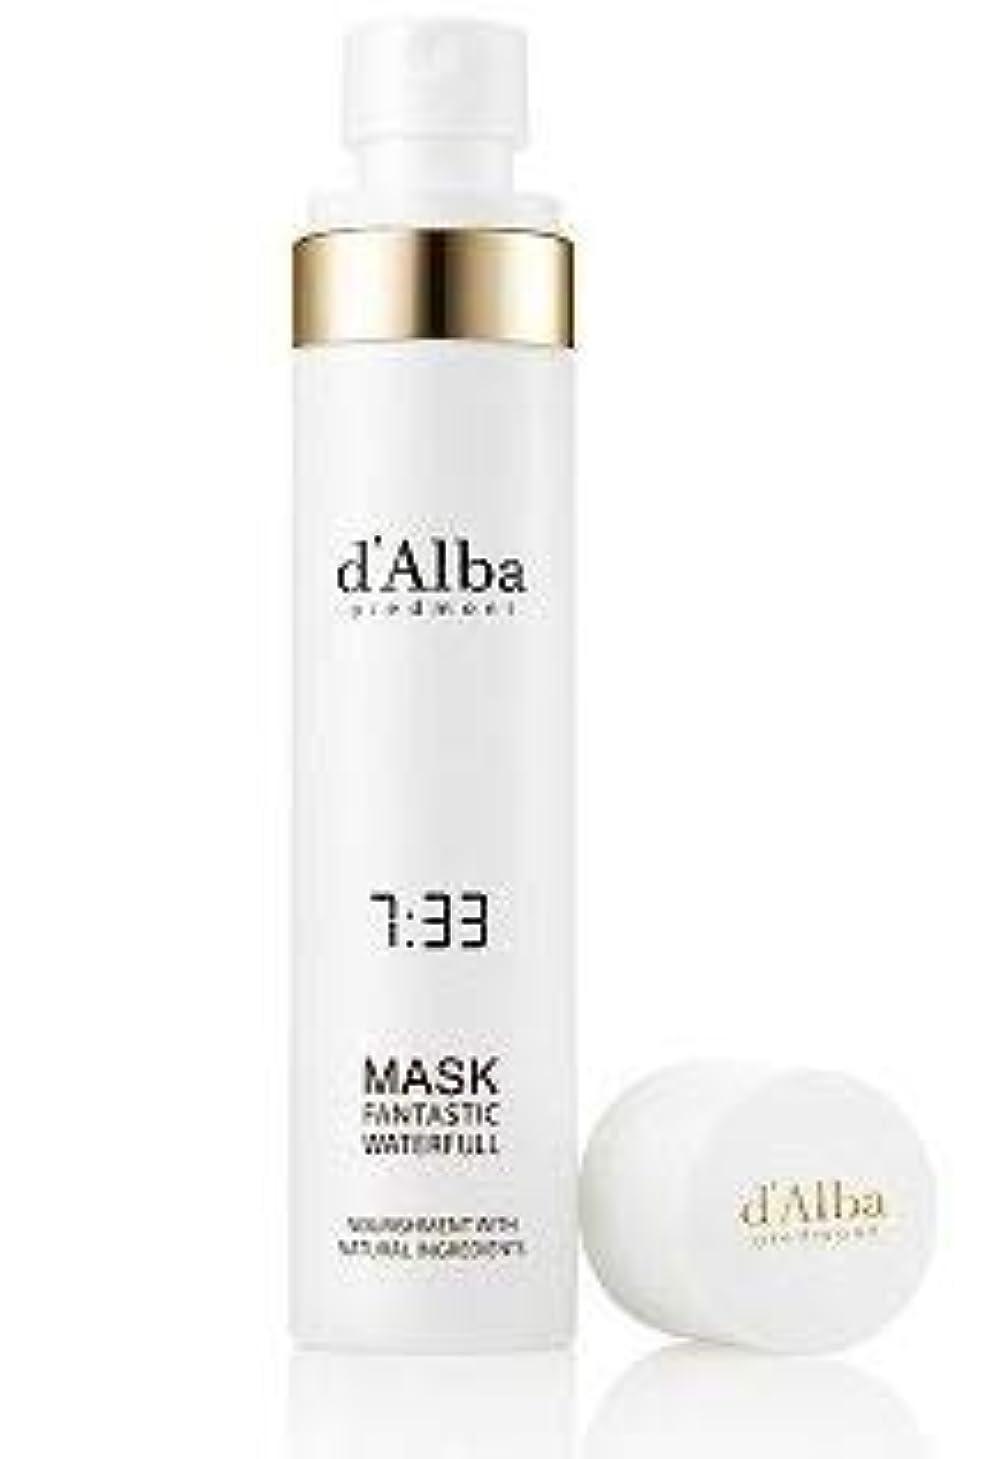 樹皮ブラウスエリート[dAlba] Fantastic Waterfull Spray Mask 100ml /[ダルバ] ファンタスティック ウォーターフォール マスク100ml [並行輸入品]